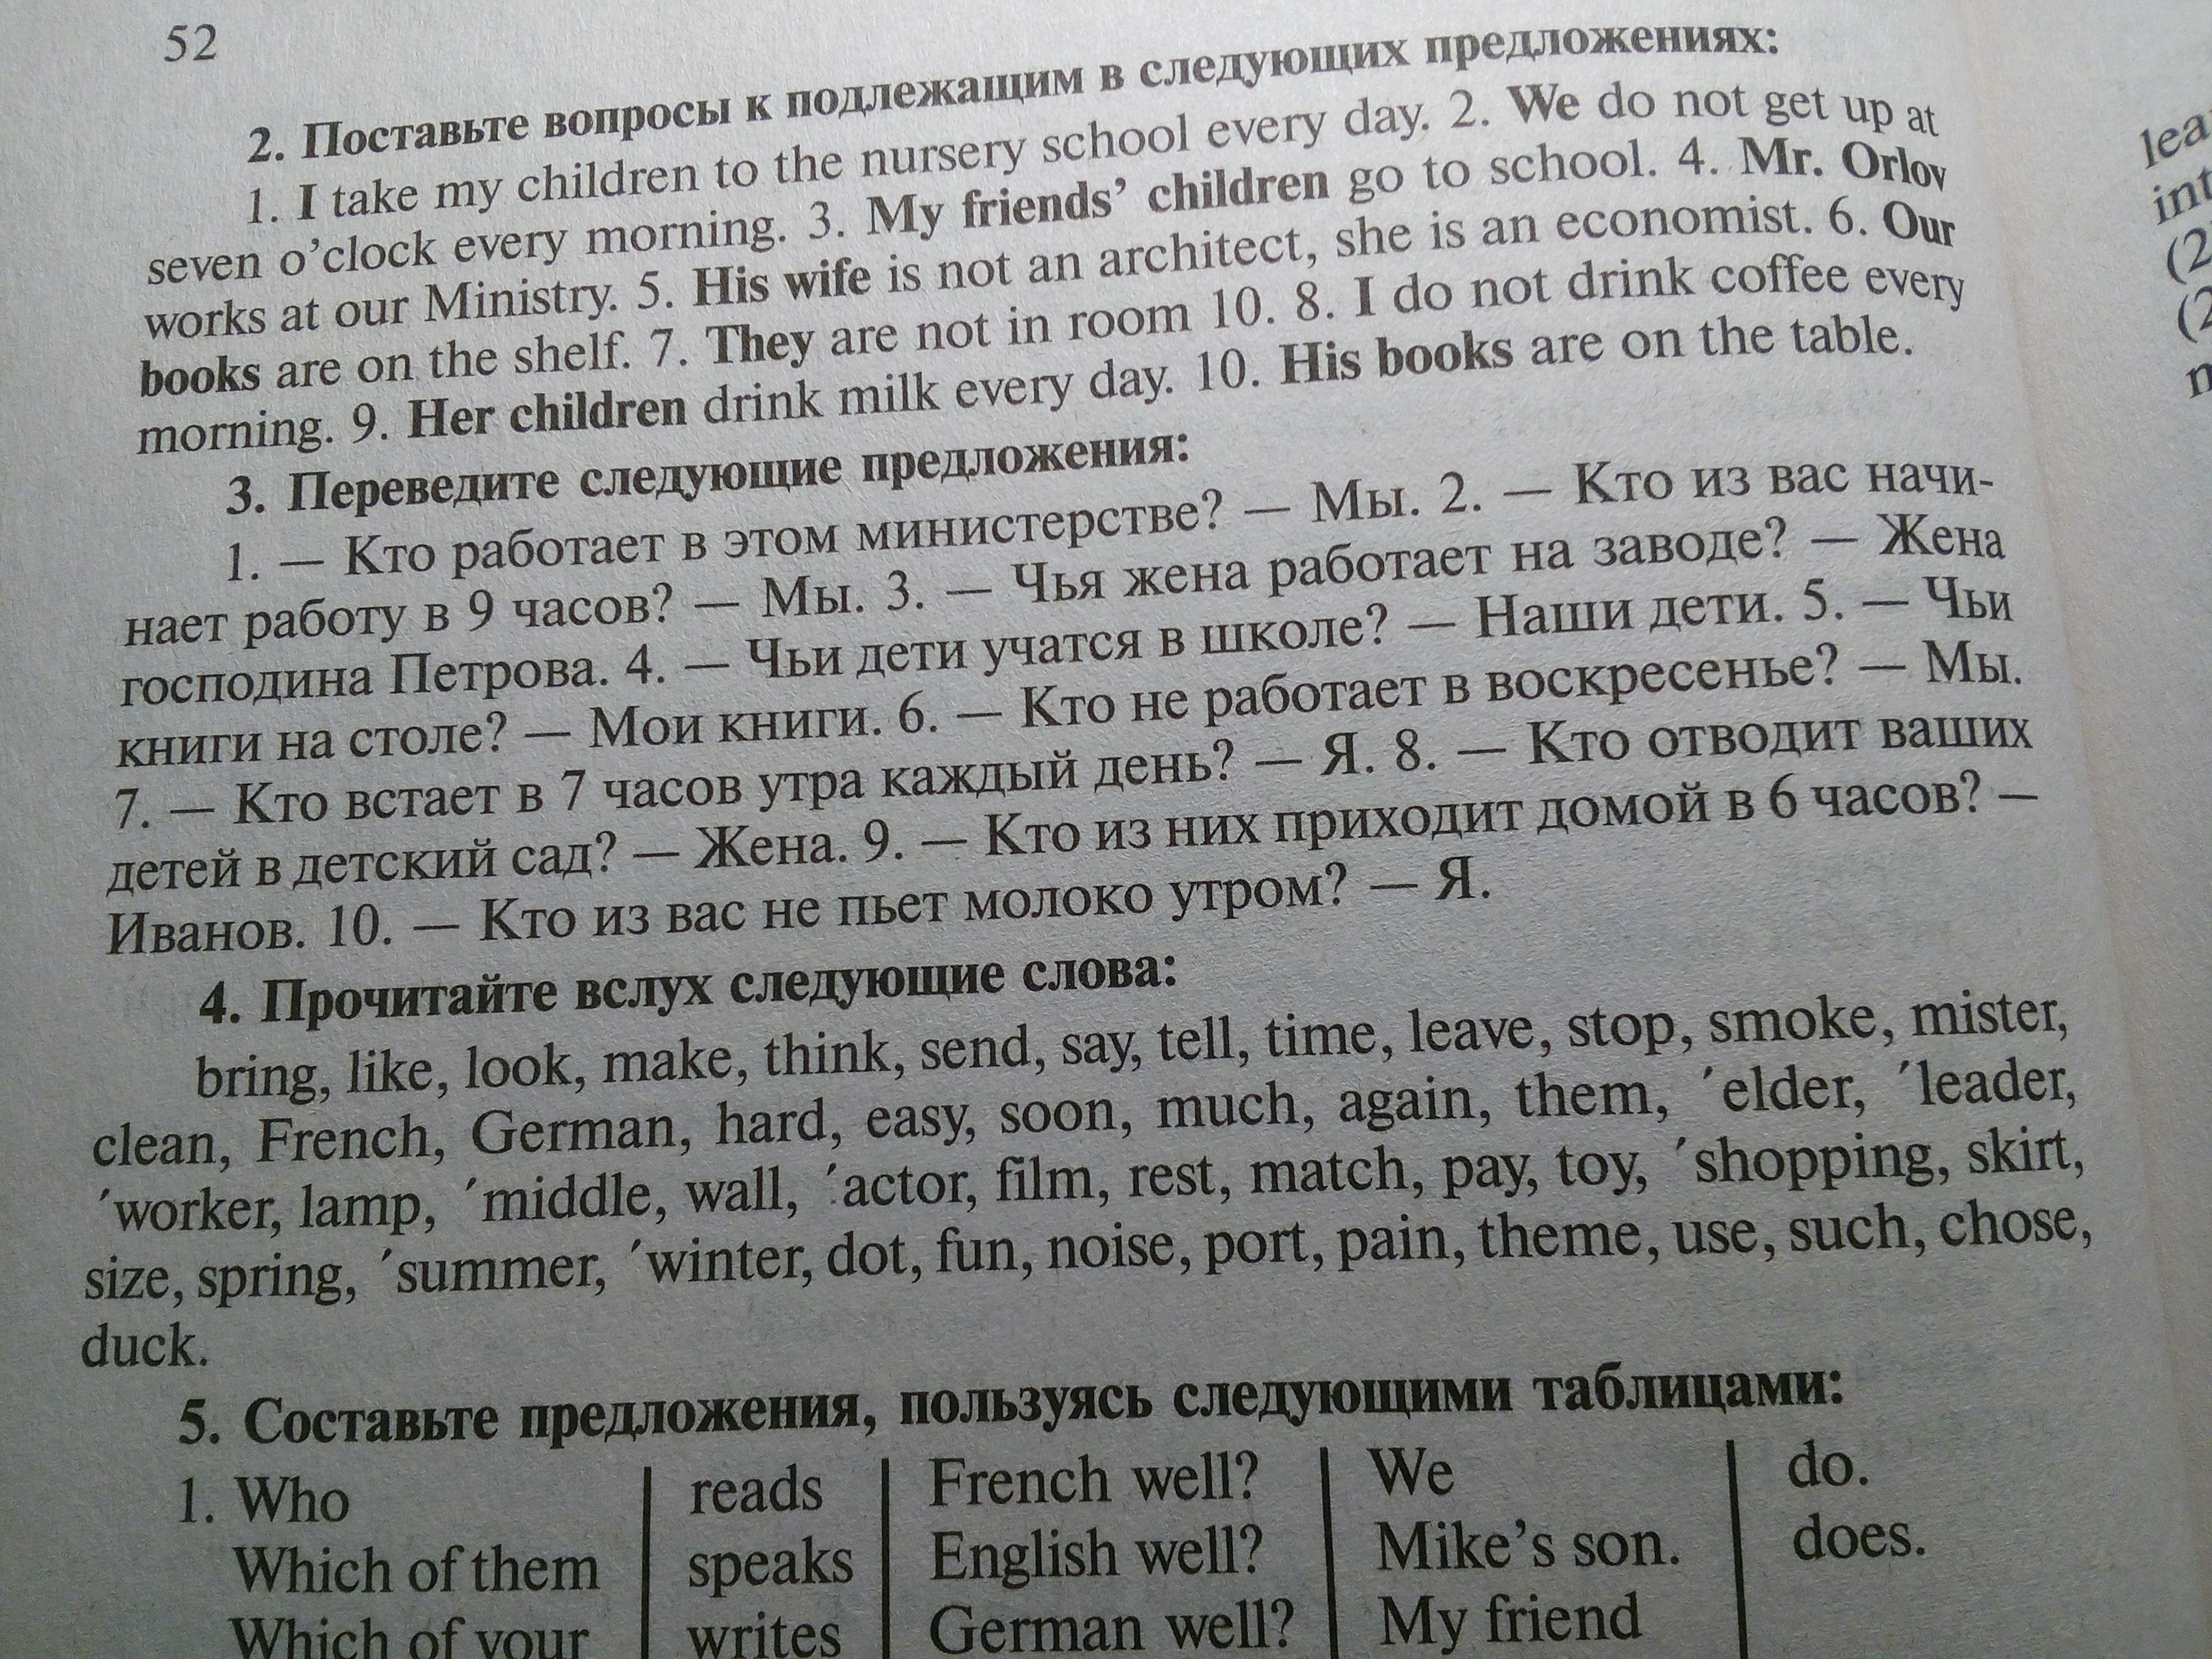 Помогите перевести предложения